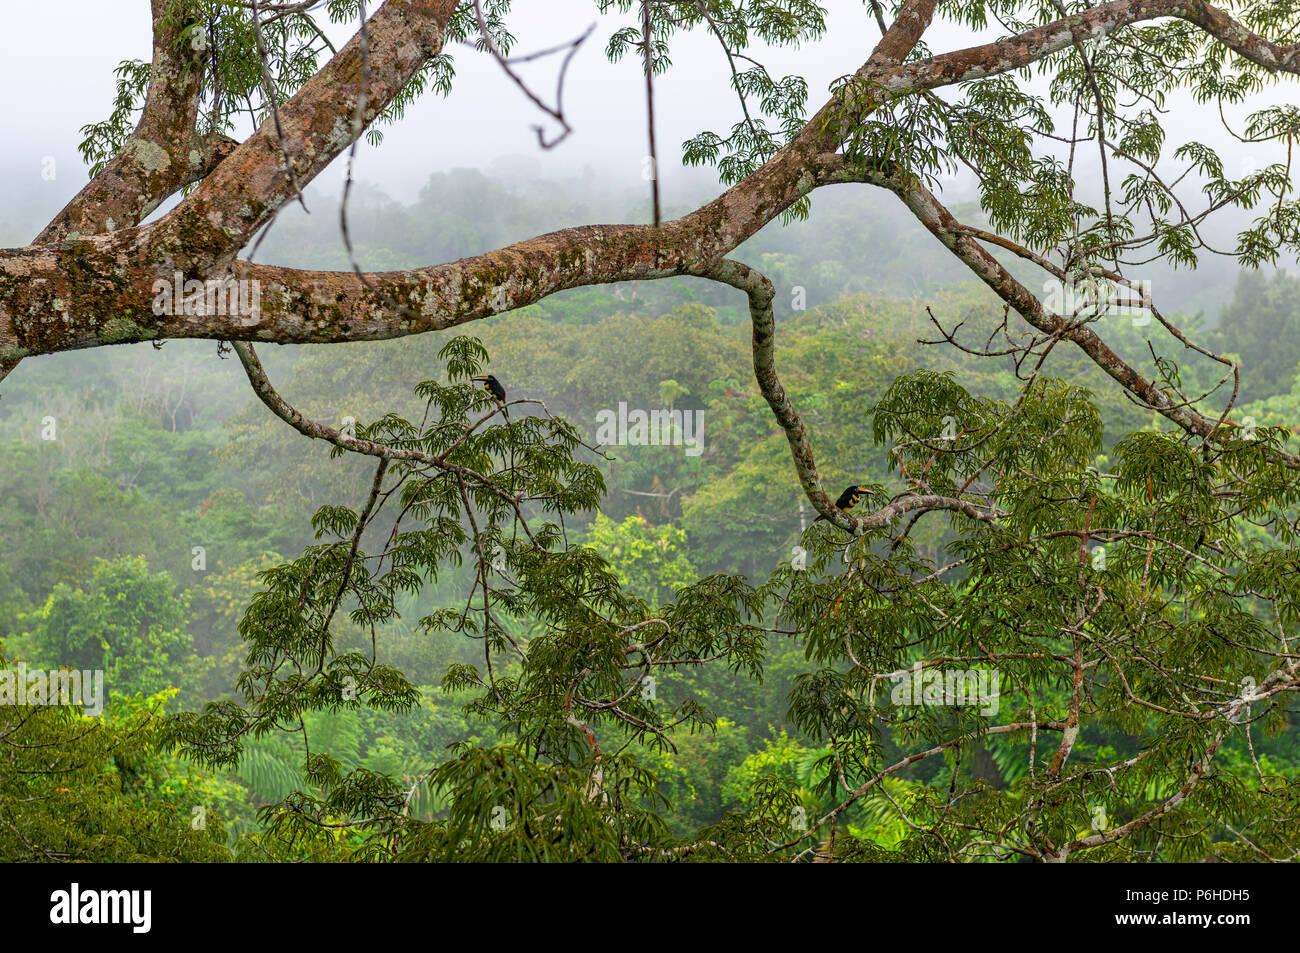 La forêt amazonienne dans le brouillard vu à partir d'une plate-forme d'observation dans un arbre Ceiba avec deux bandes nombreuses (Aracari Pteroglossus pluricinctus), NP Yasuni. Photo Stock